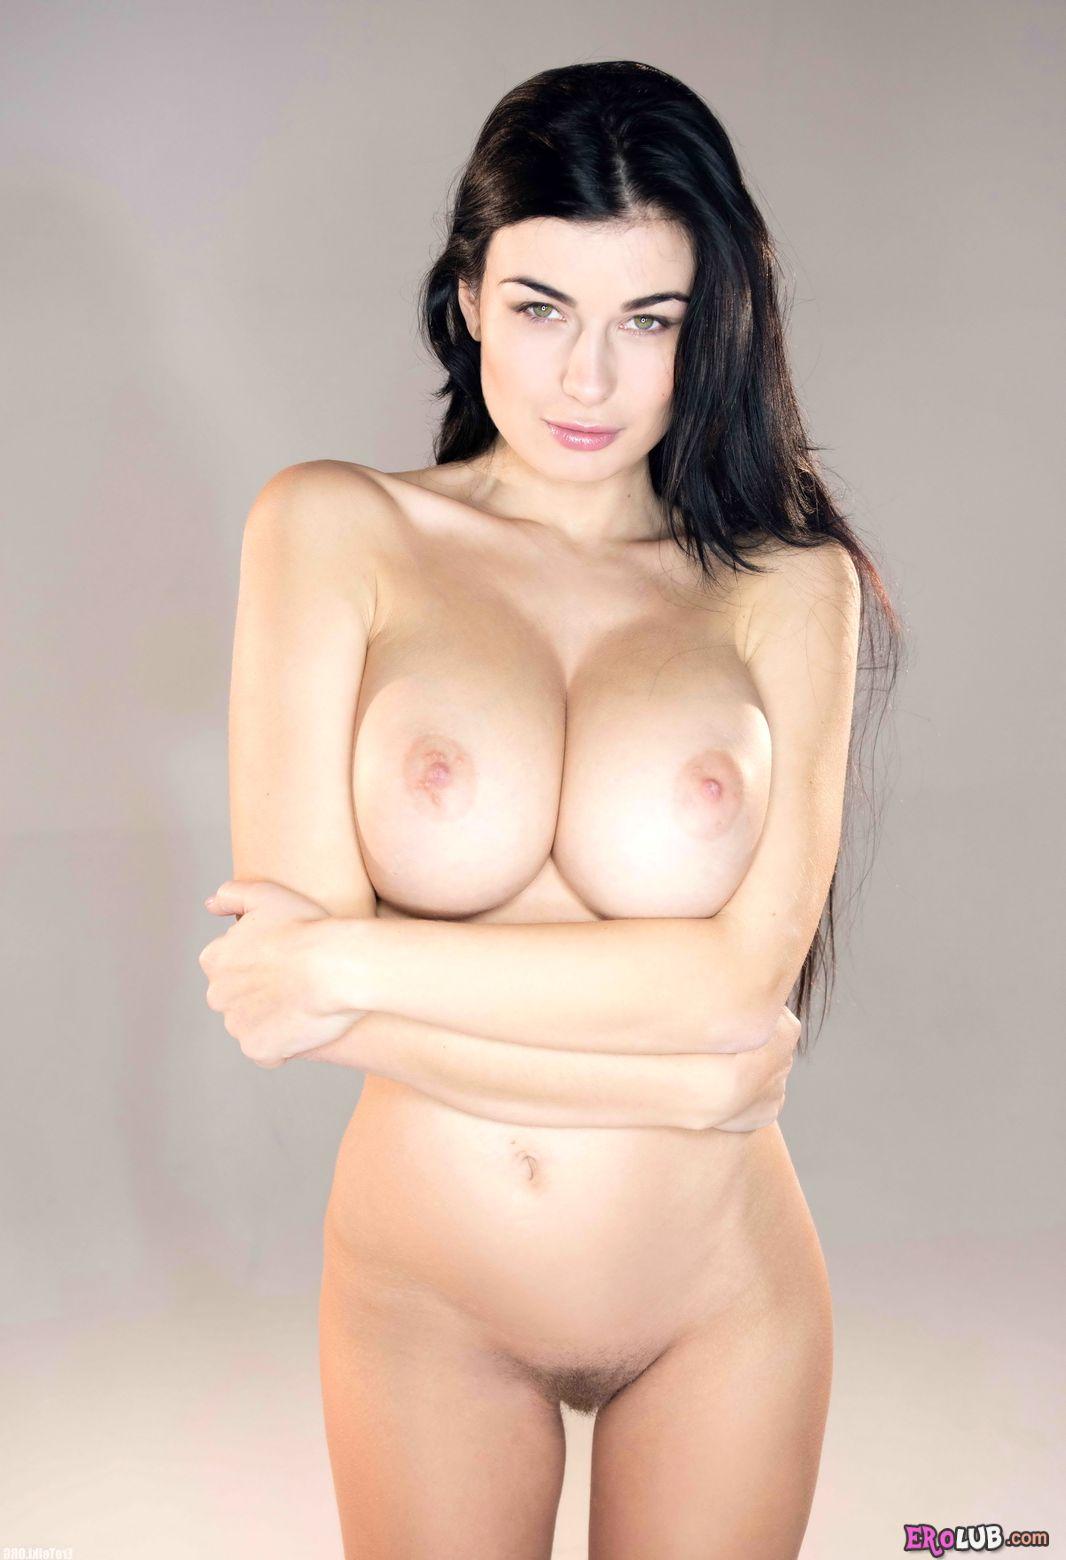 Облако тегов  Частная эротика и фото голых девушек  ЭроЦех